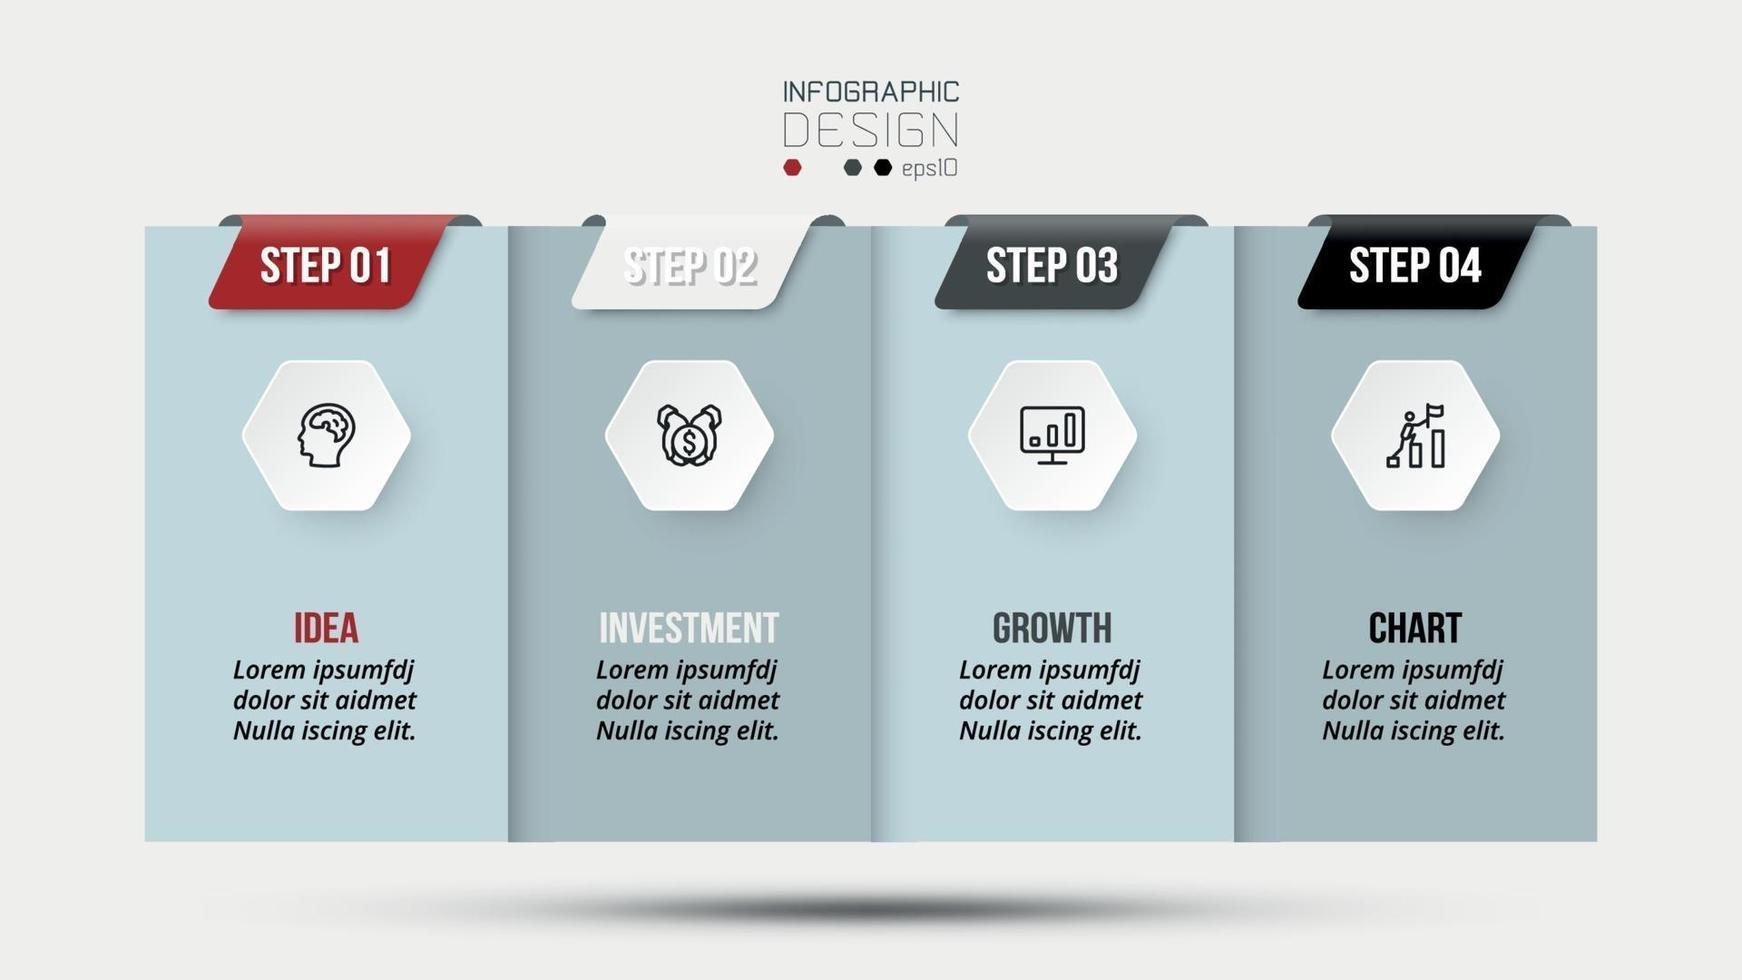 conceito de negócio infográfico modelo de design. vetor